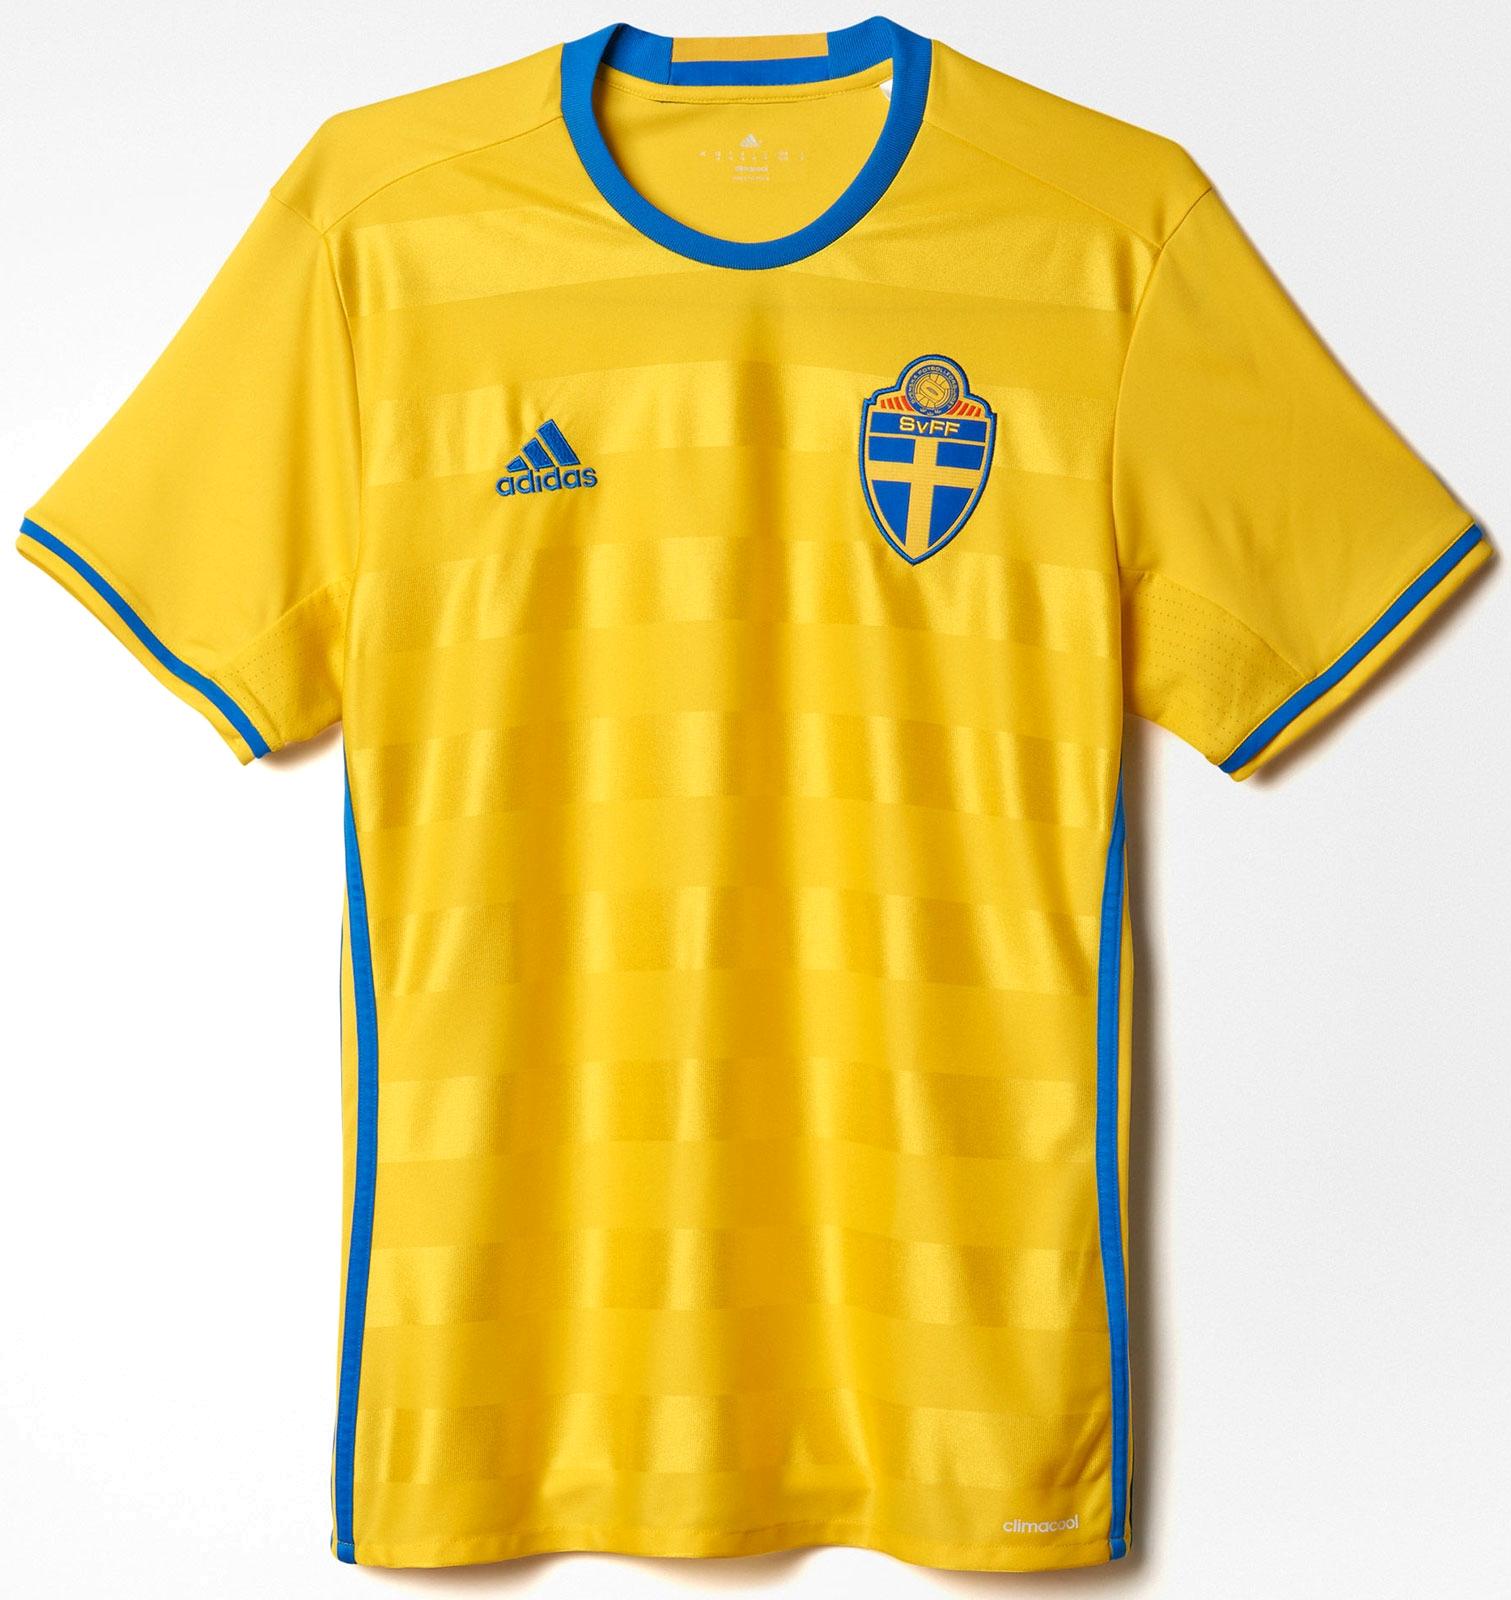 107308634b Adidas apresenta nova camisa titular da Suécia - Show de Camisas